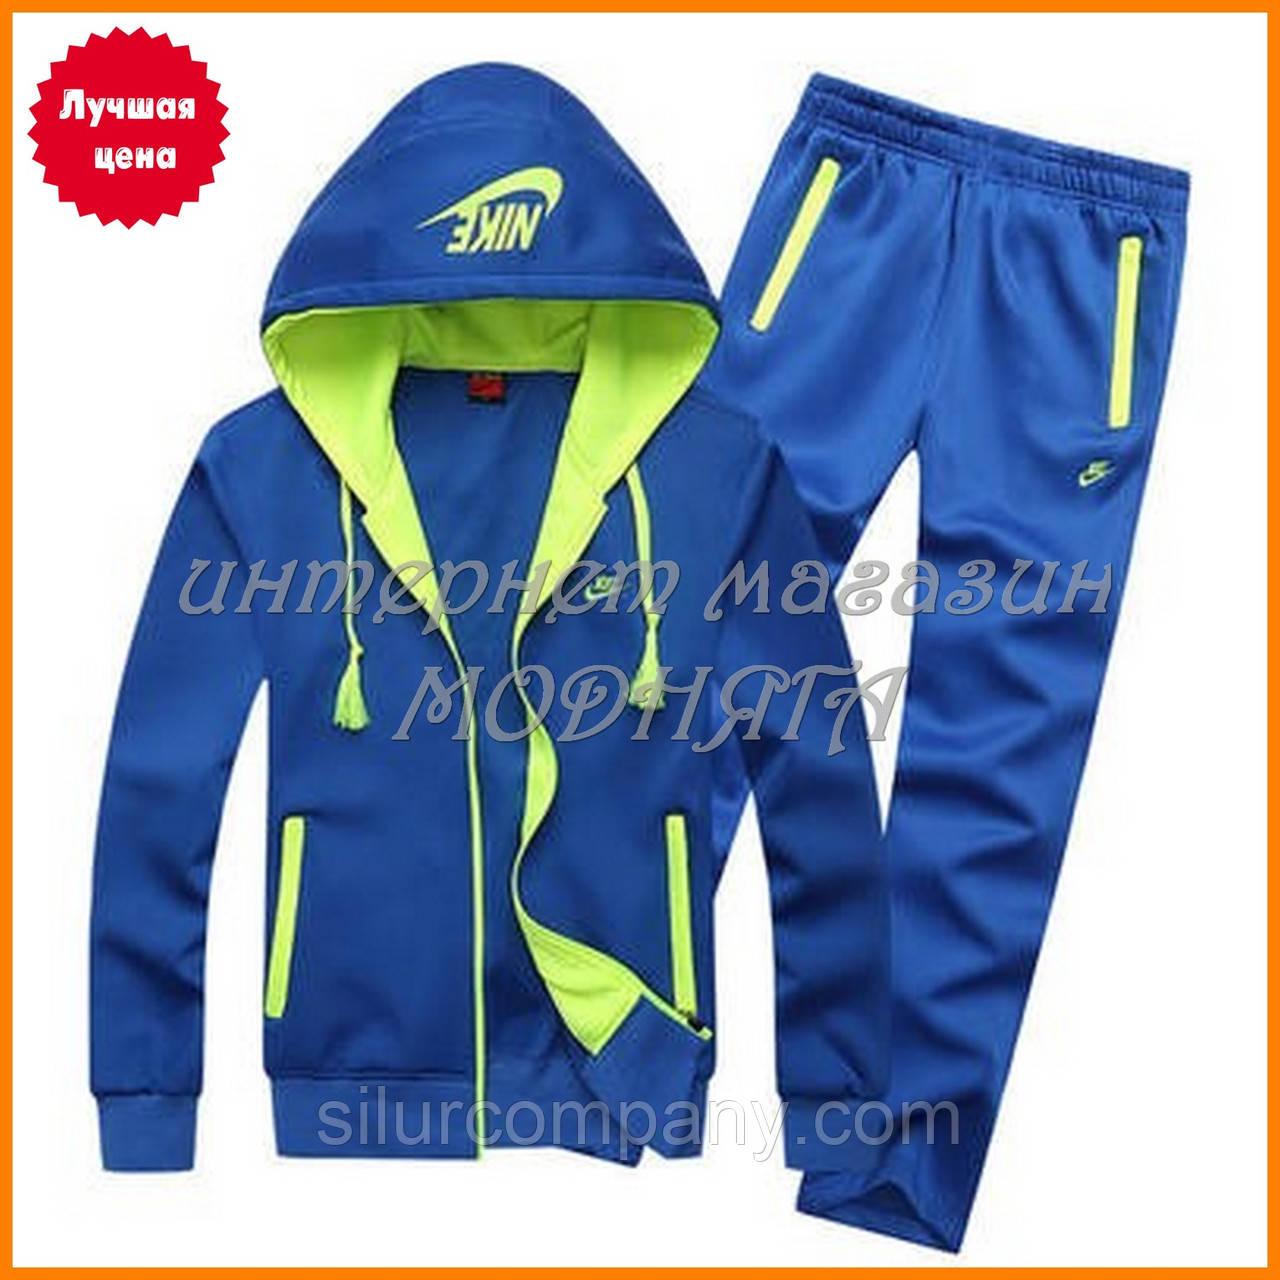 af9f8df787aa Брендовый подростковый спортивный костюм Найк - Интернет магазин